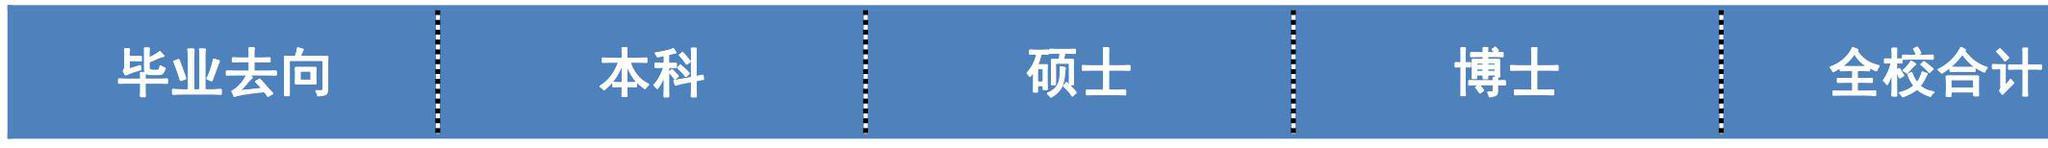 必发集团娱乐网站 229